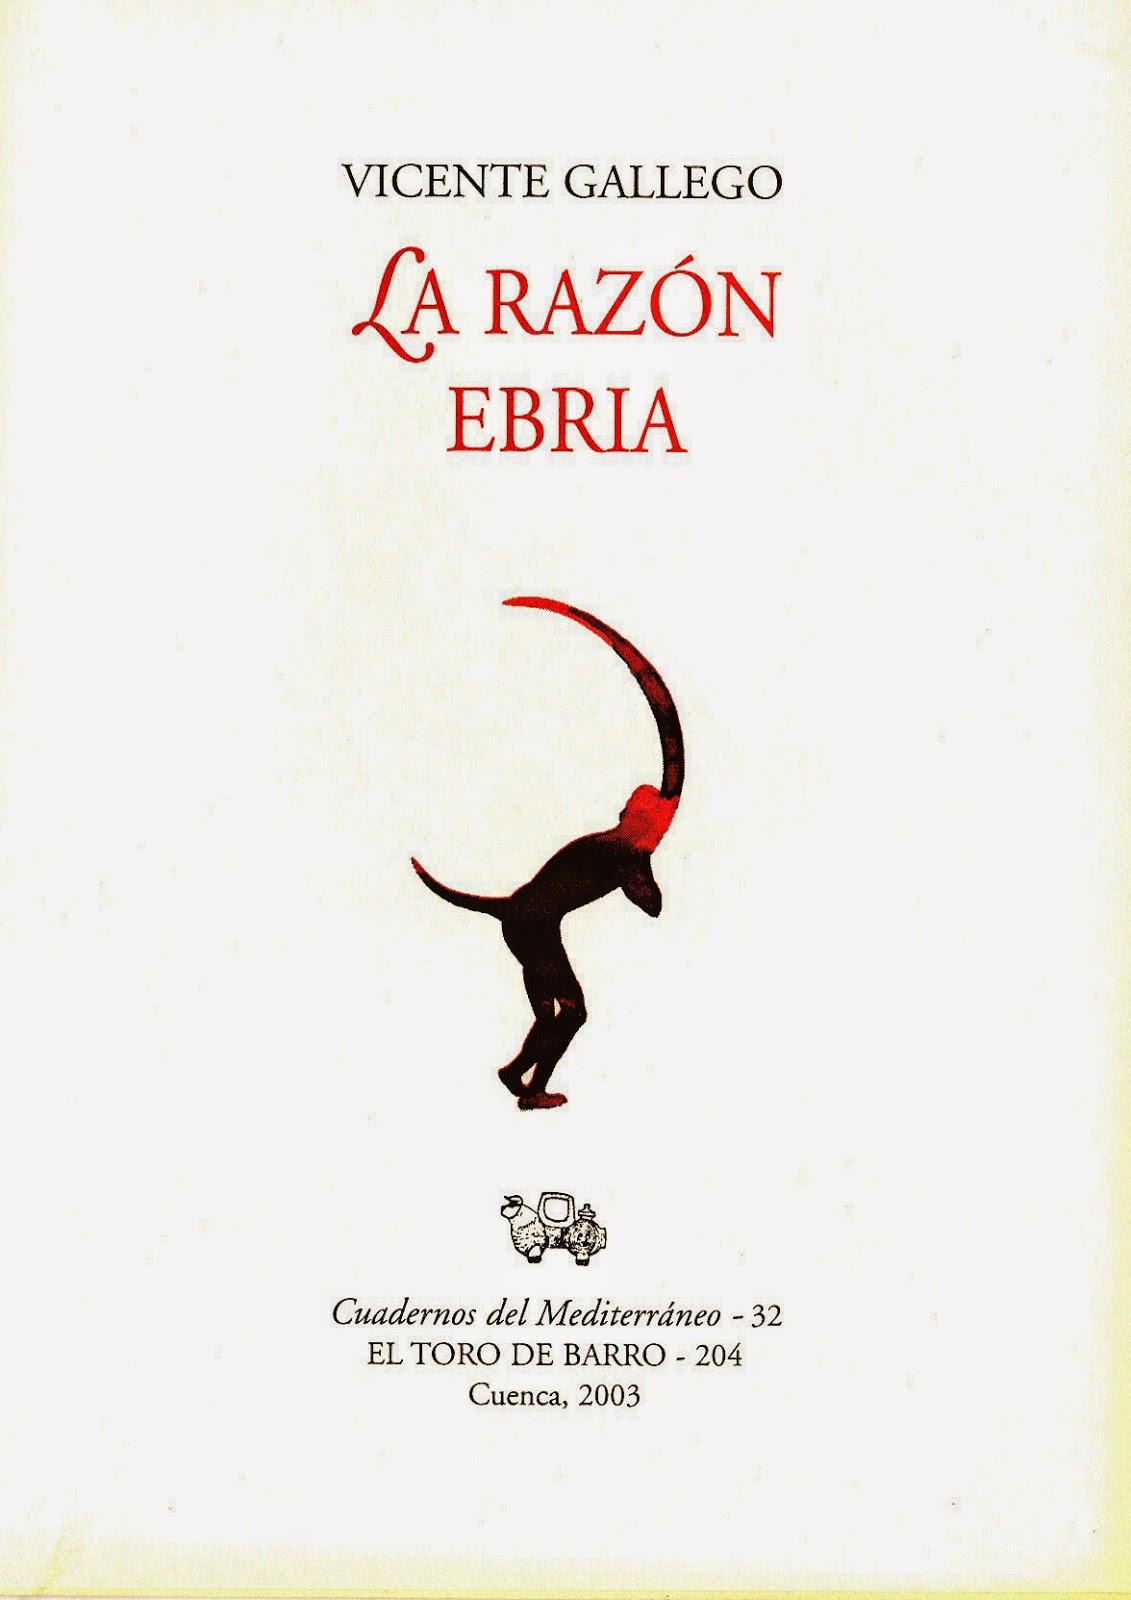 """Vicente Gallego, """"La razón ebria"""" Col. «Cuadernos del Mediterráneo» Ed. El Toro de Barro, Carlos Morales ed. Tarancón de Cuenca, 2003 Agotado edicioneseltorodebarro@yahoo.es"""